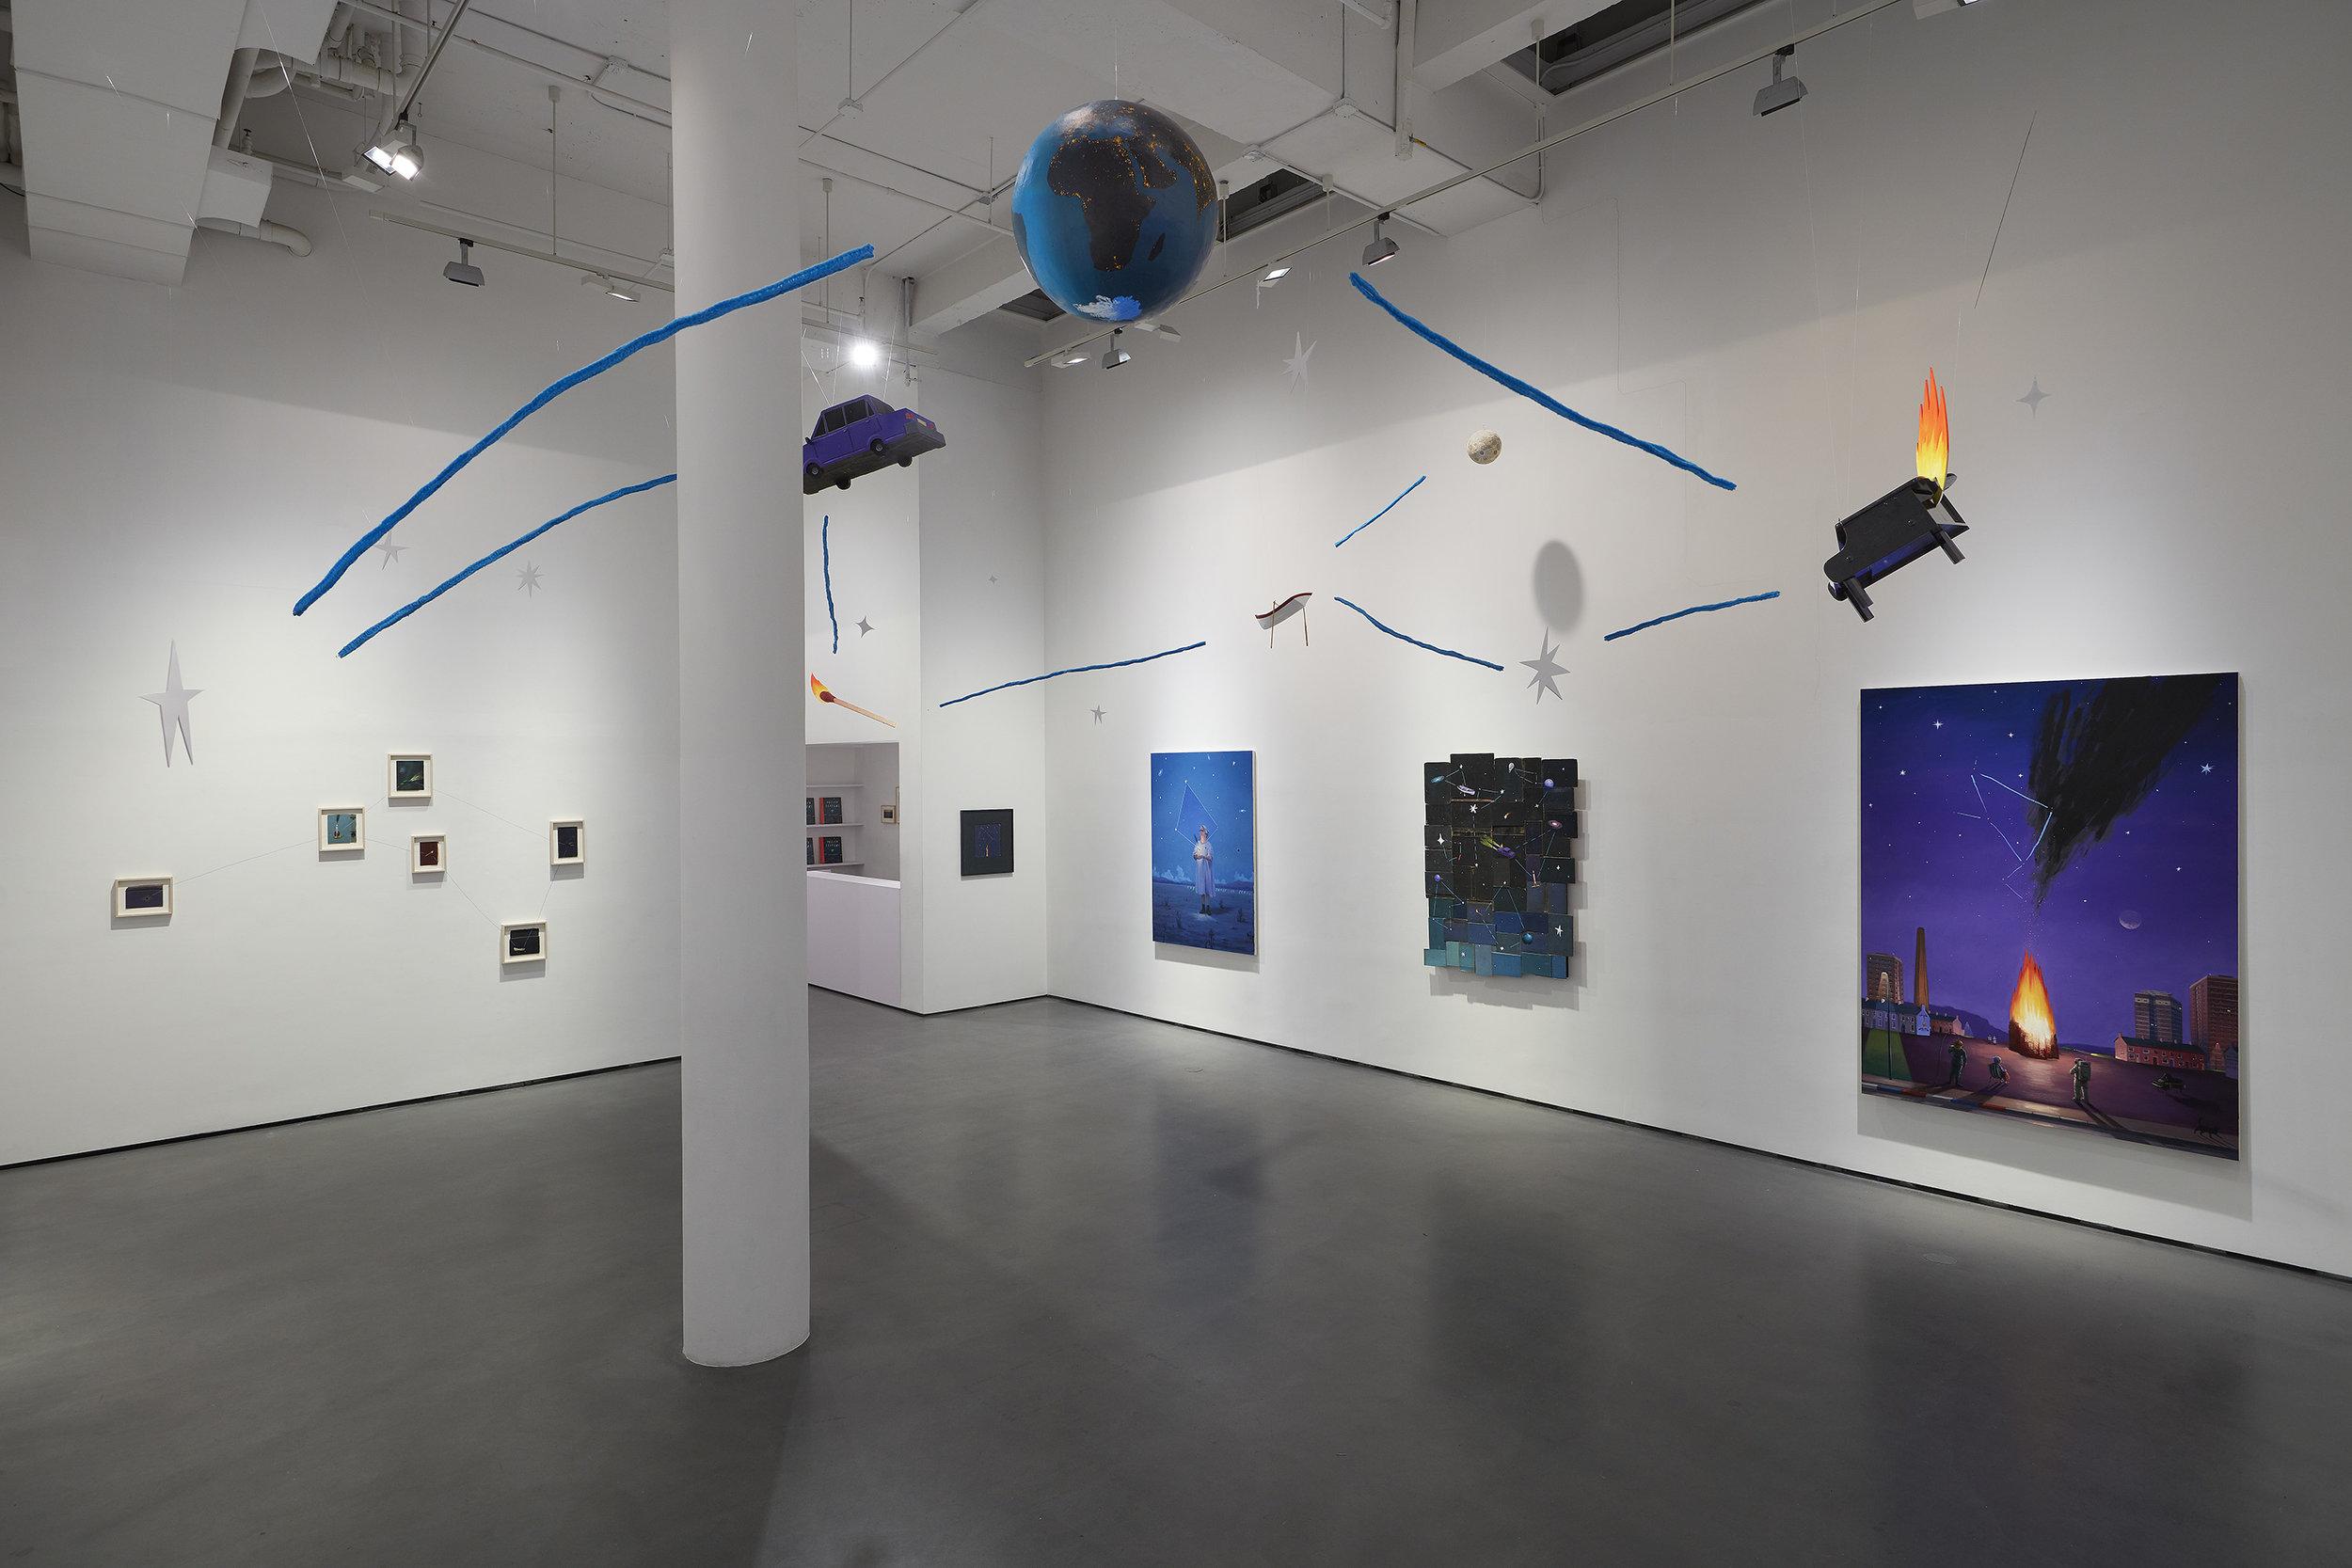 Installation views at Bryce Wolkowitz Gallery